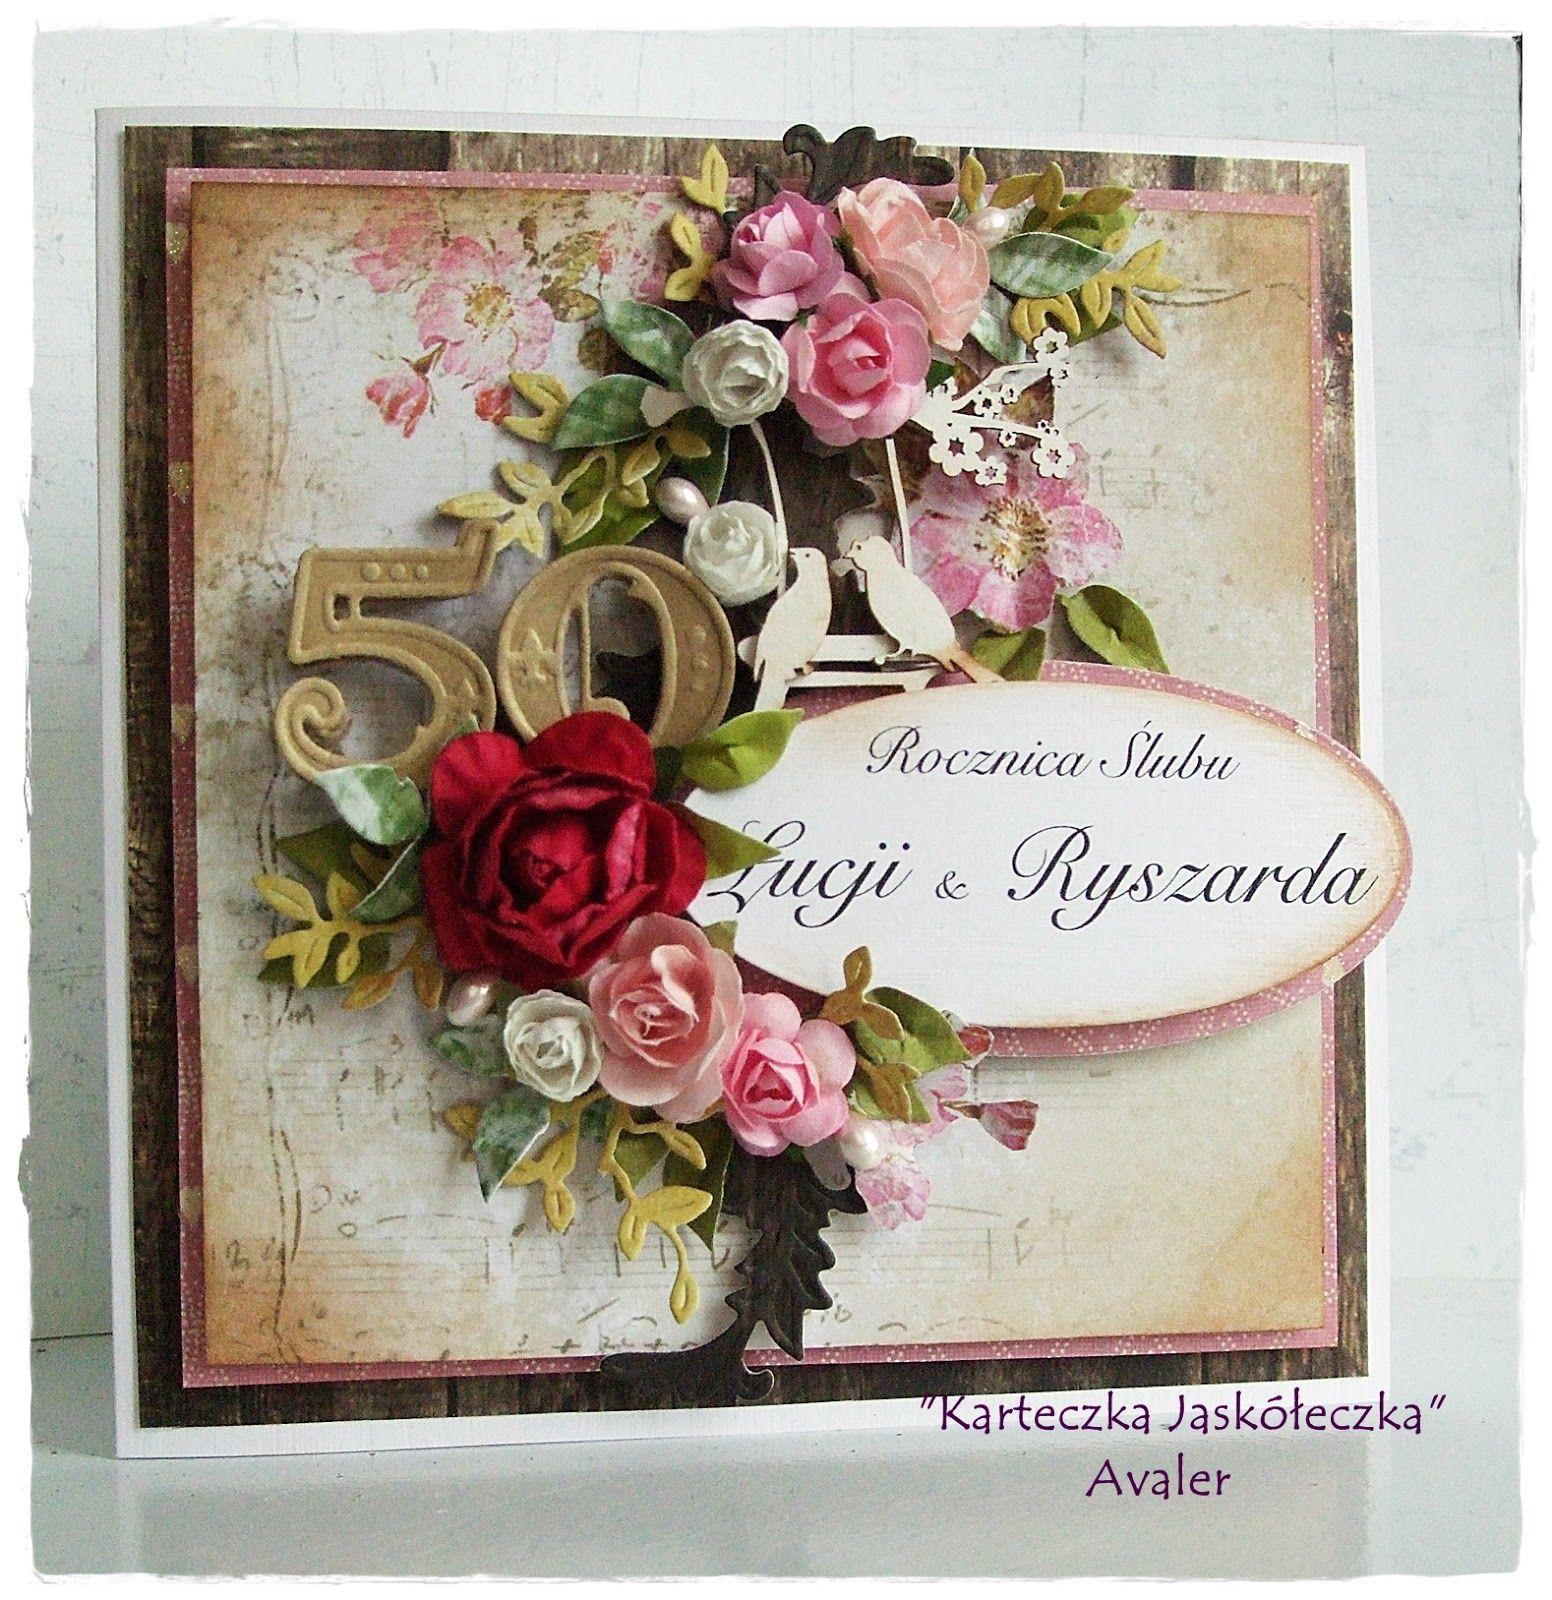 Avaler karteczka jaskoleczka card with flowers avaler karteczka jaskoleczka card with flowers izmirmasajfo